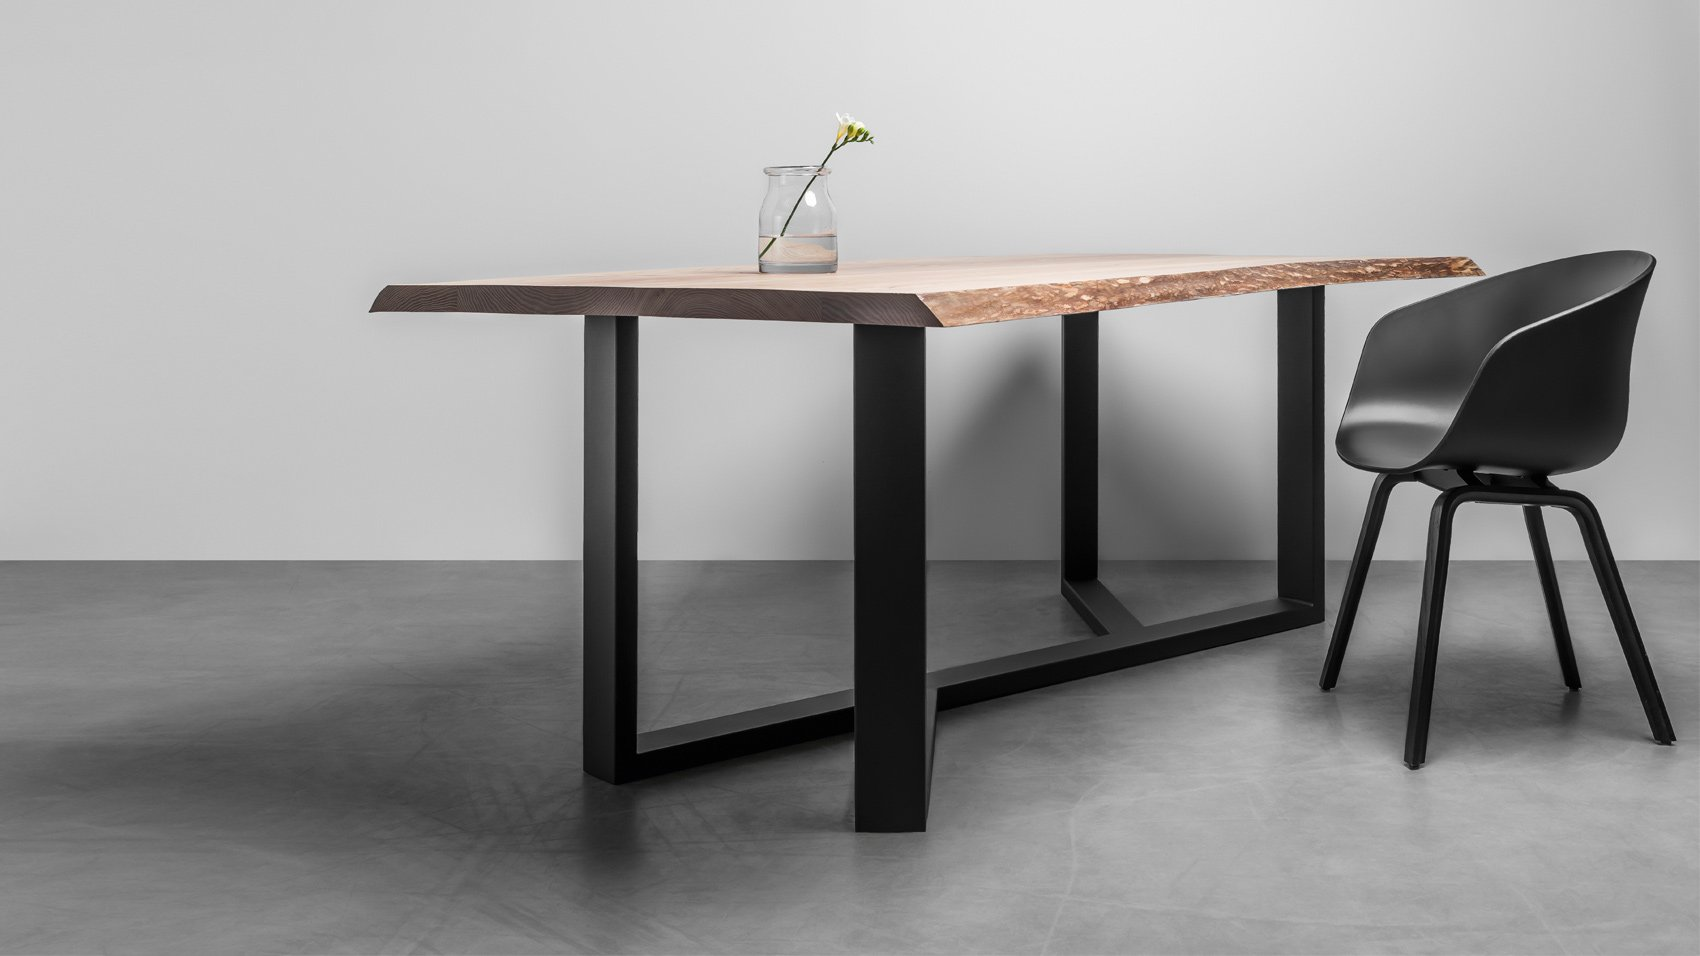 Industrialny stół z litego drewna z naturalnymi krawędziami - stół King od Hoom